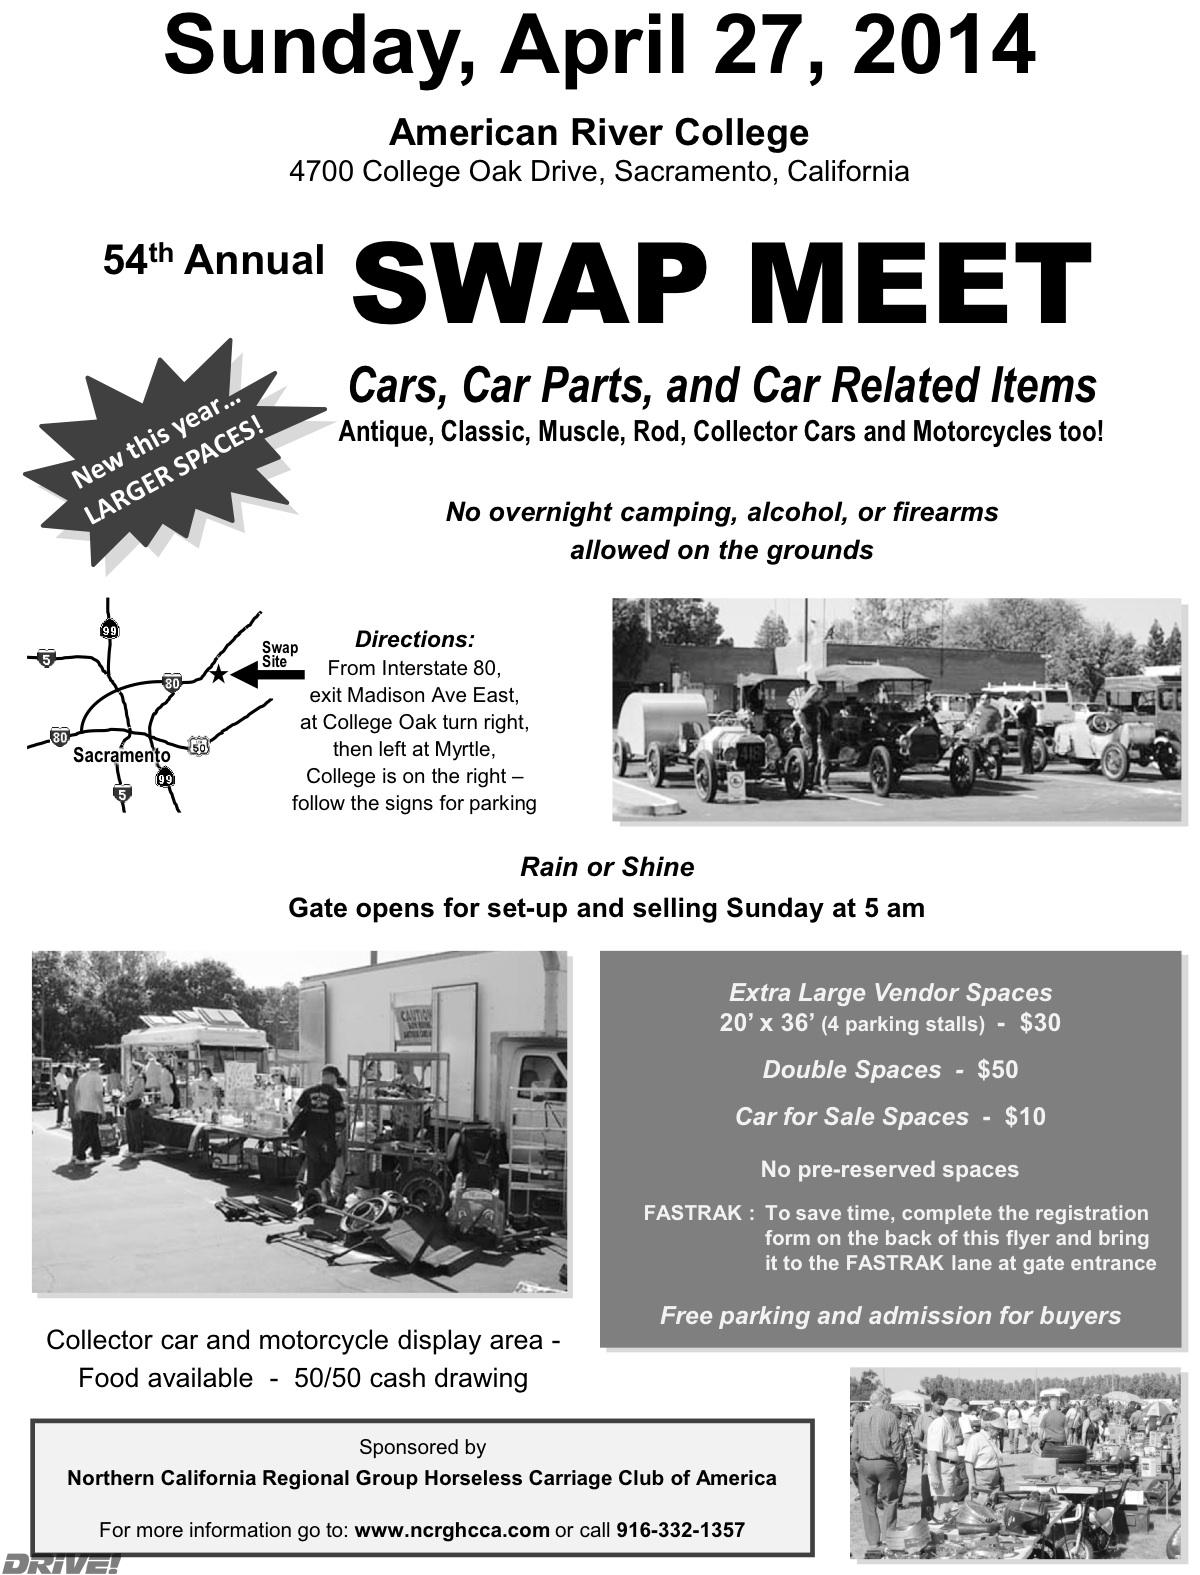 Swap Meet Flyer Cericomunicaaslcom - Sacramento car show and swap meet